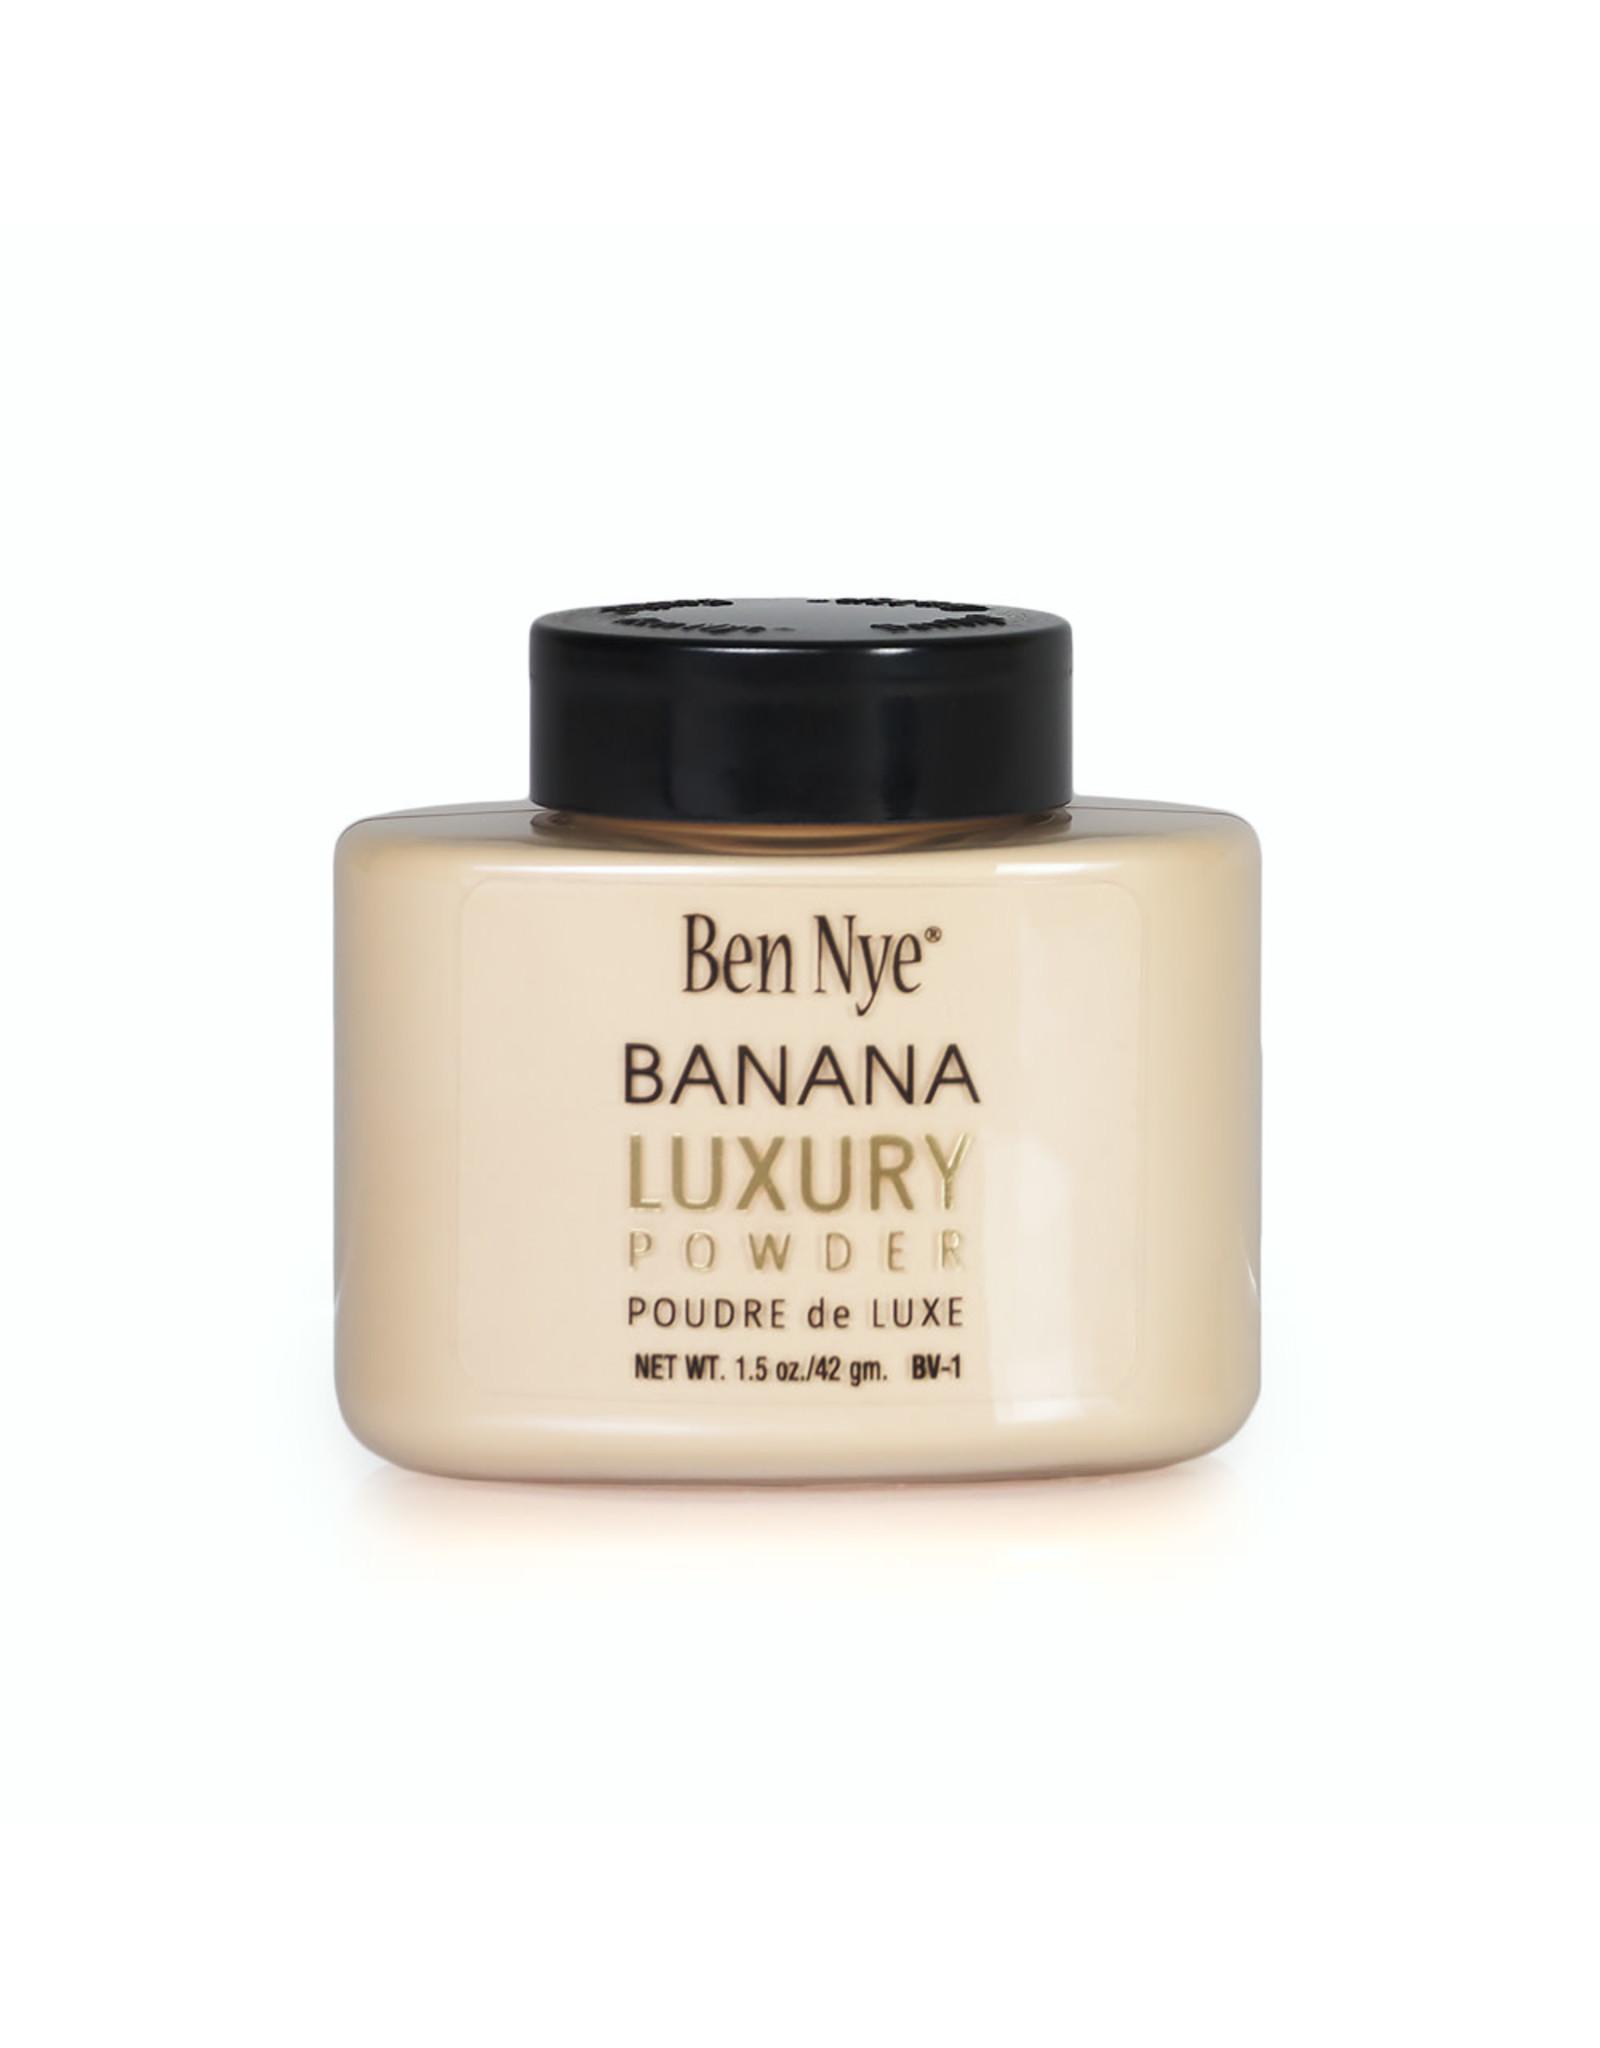 Ben Nye Ben Nye Banana Luxury Powder